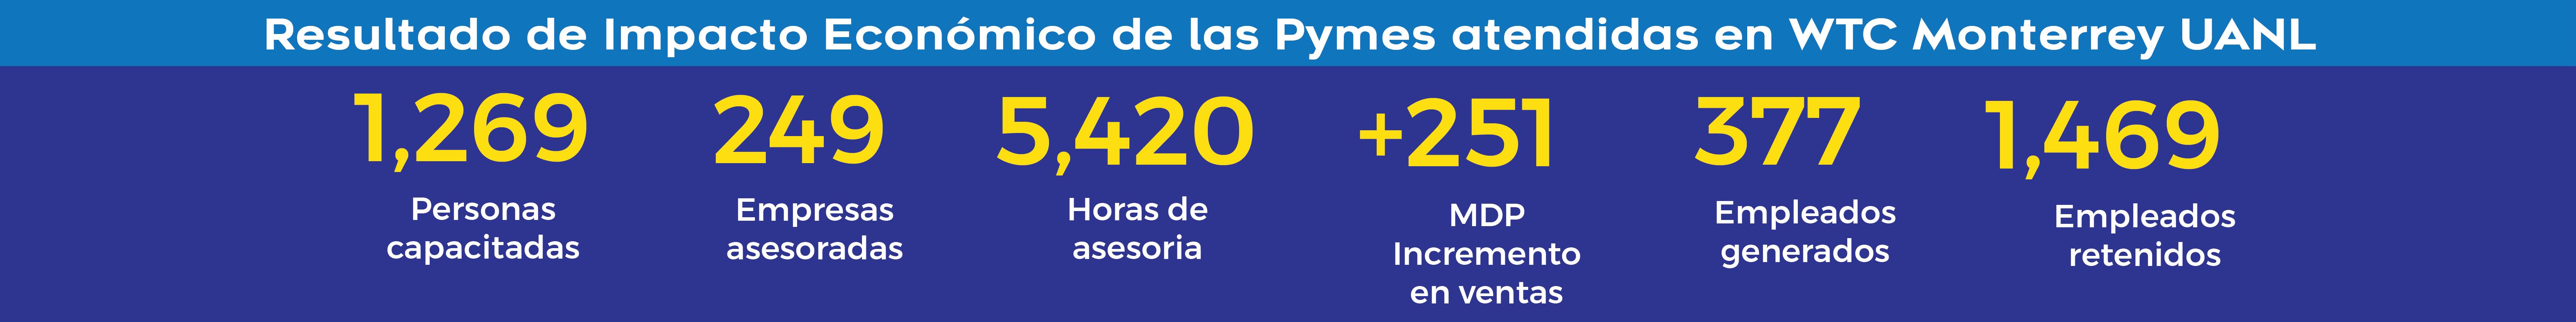 Resultados de impacto Económico de las PYMES del 2017